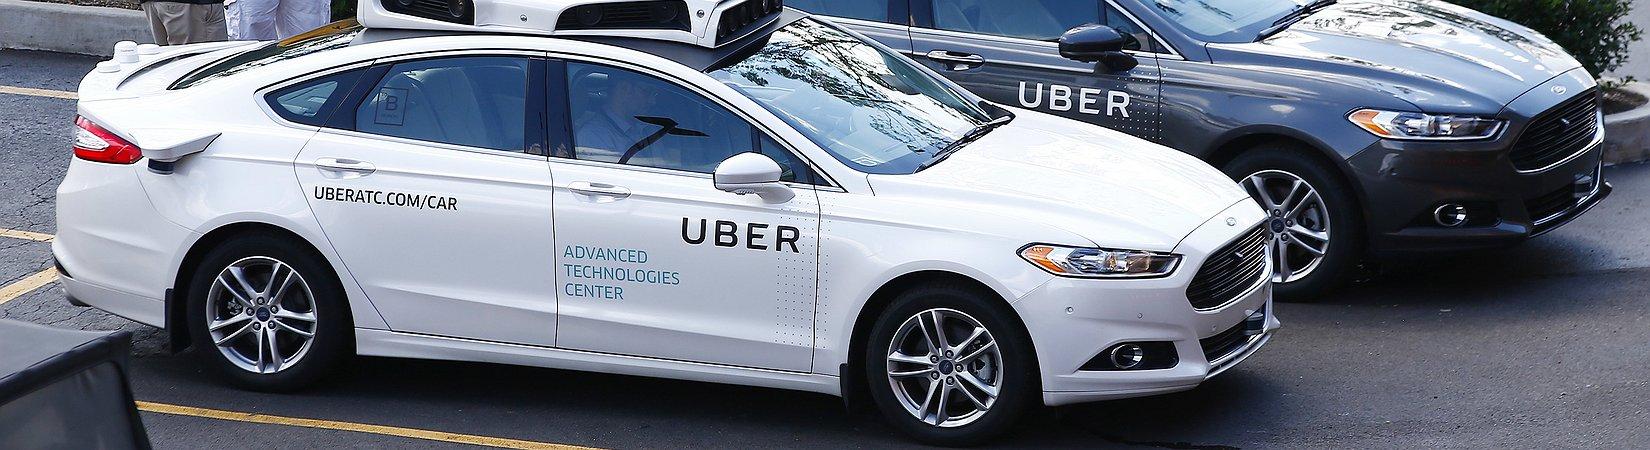 Uber suspendeu programa ao redor de carros autônomos